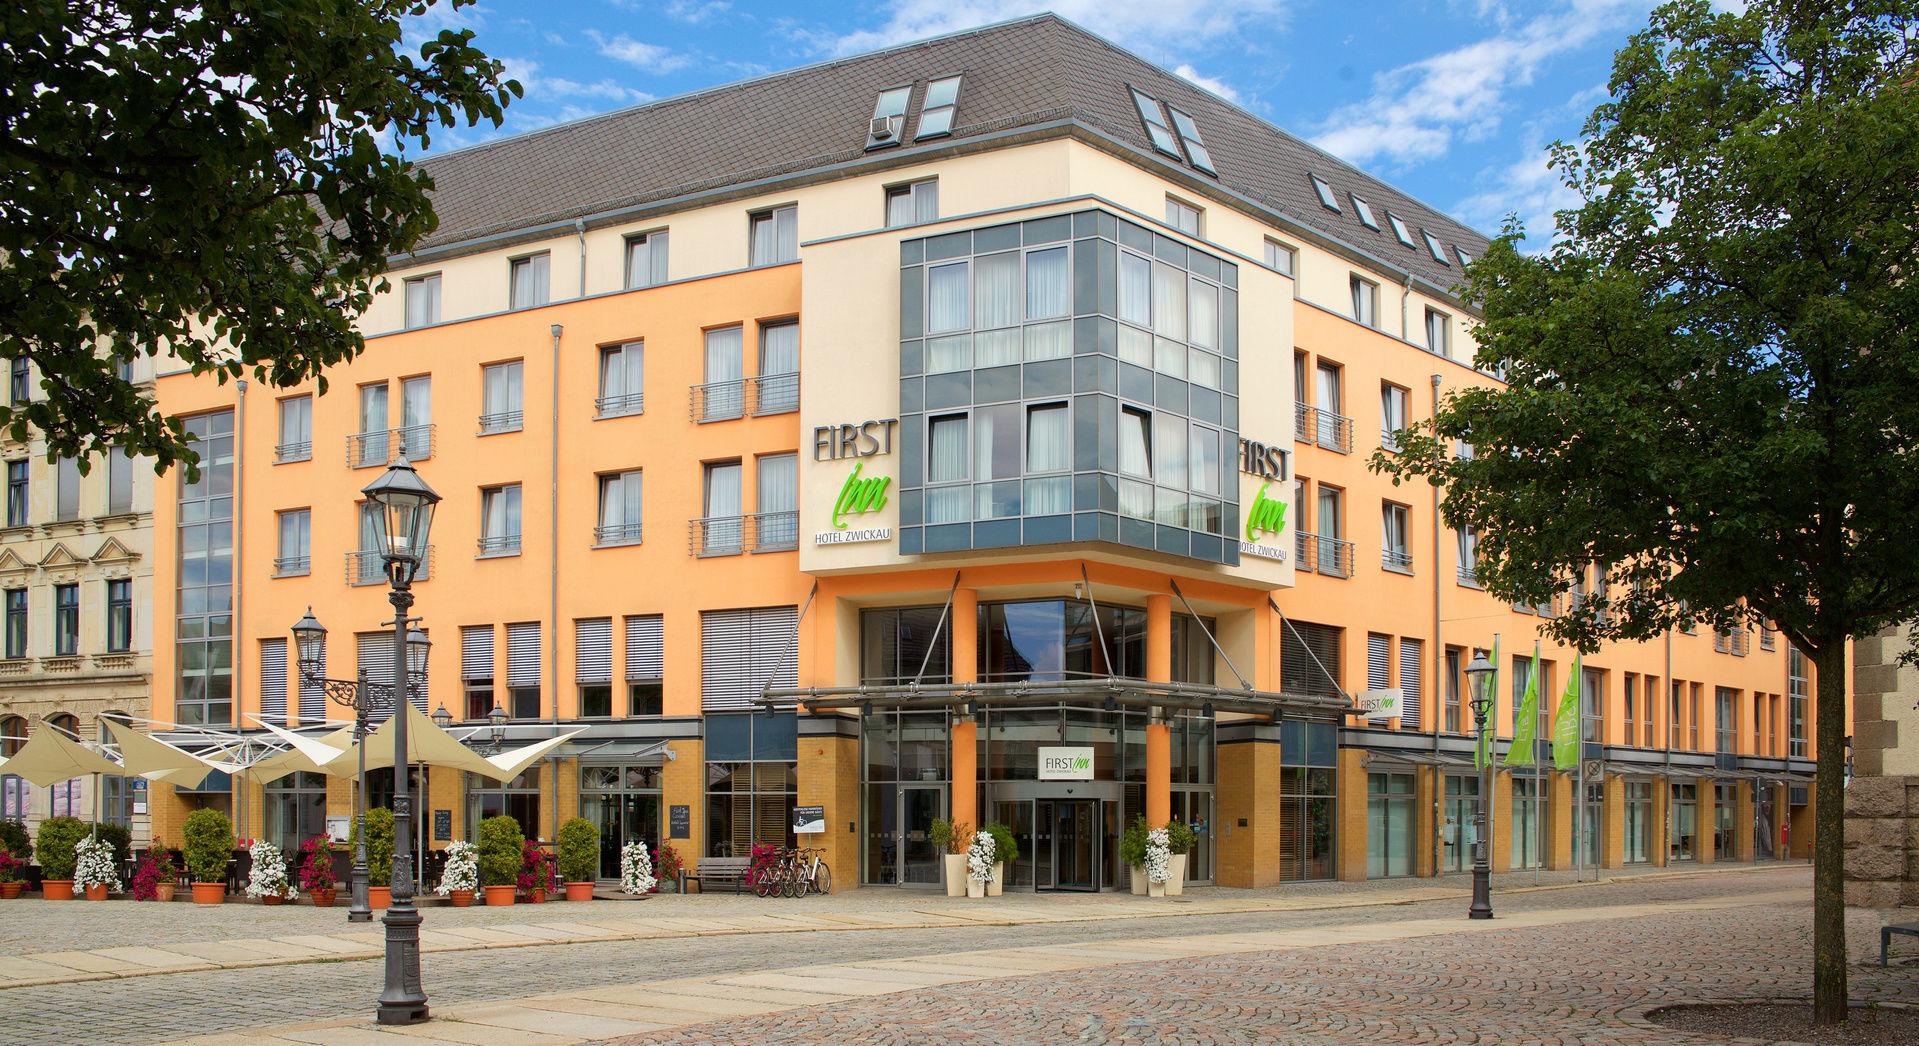 wissenswertes stadthotel first inn zwickau sachsen tagung hochzeit hotels. Black Bedroom Furniture Sets. Home Design Ideas